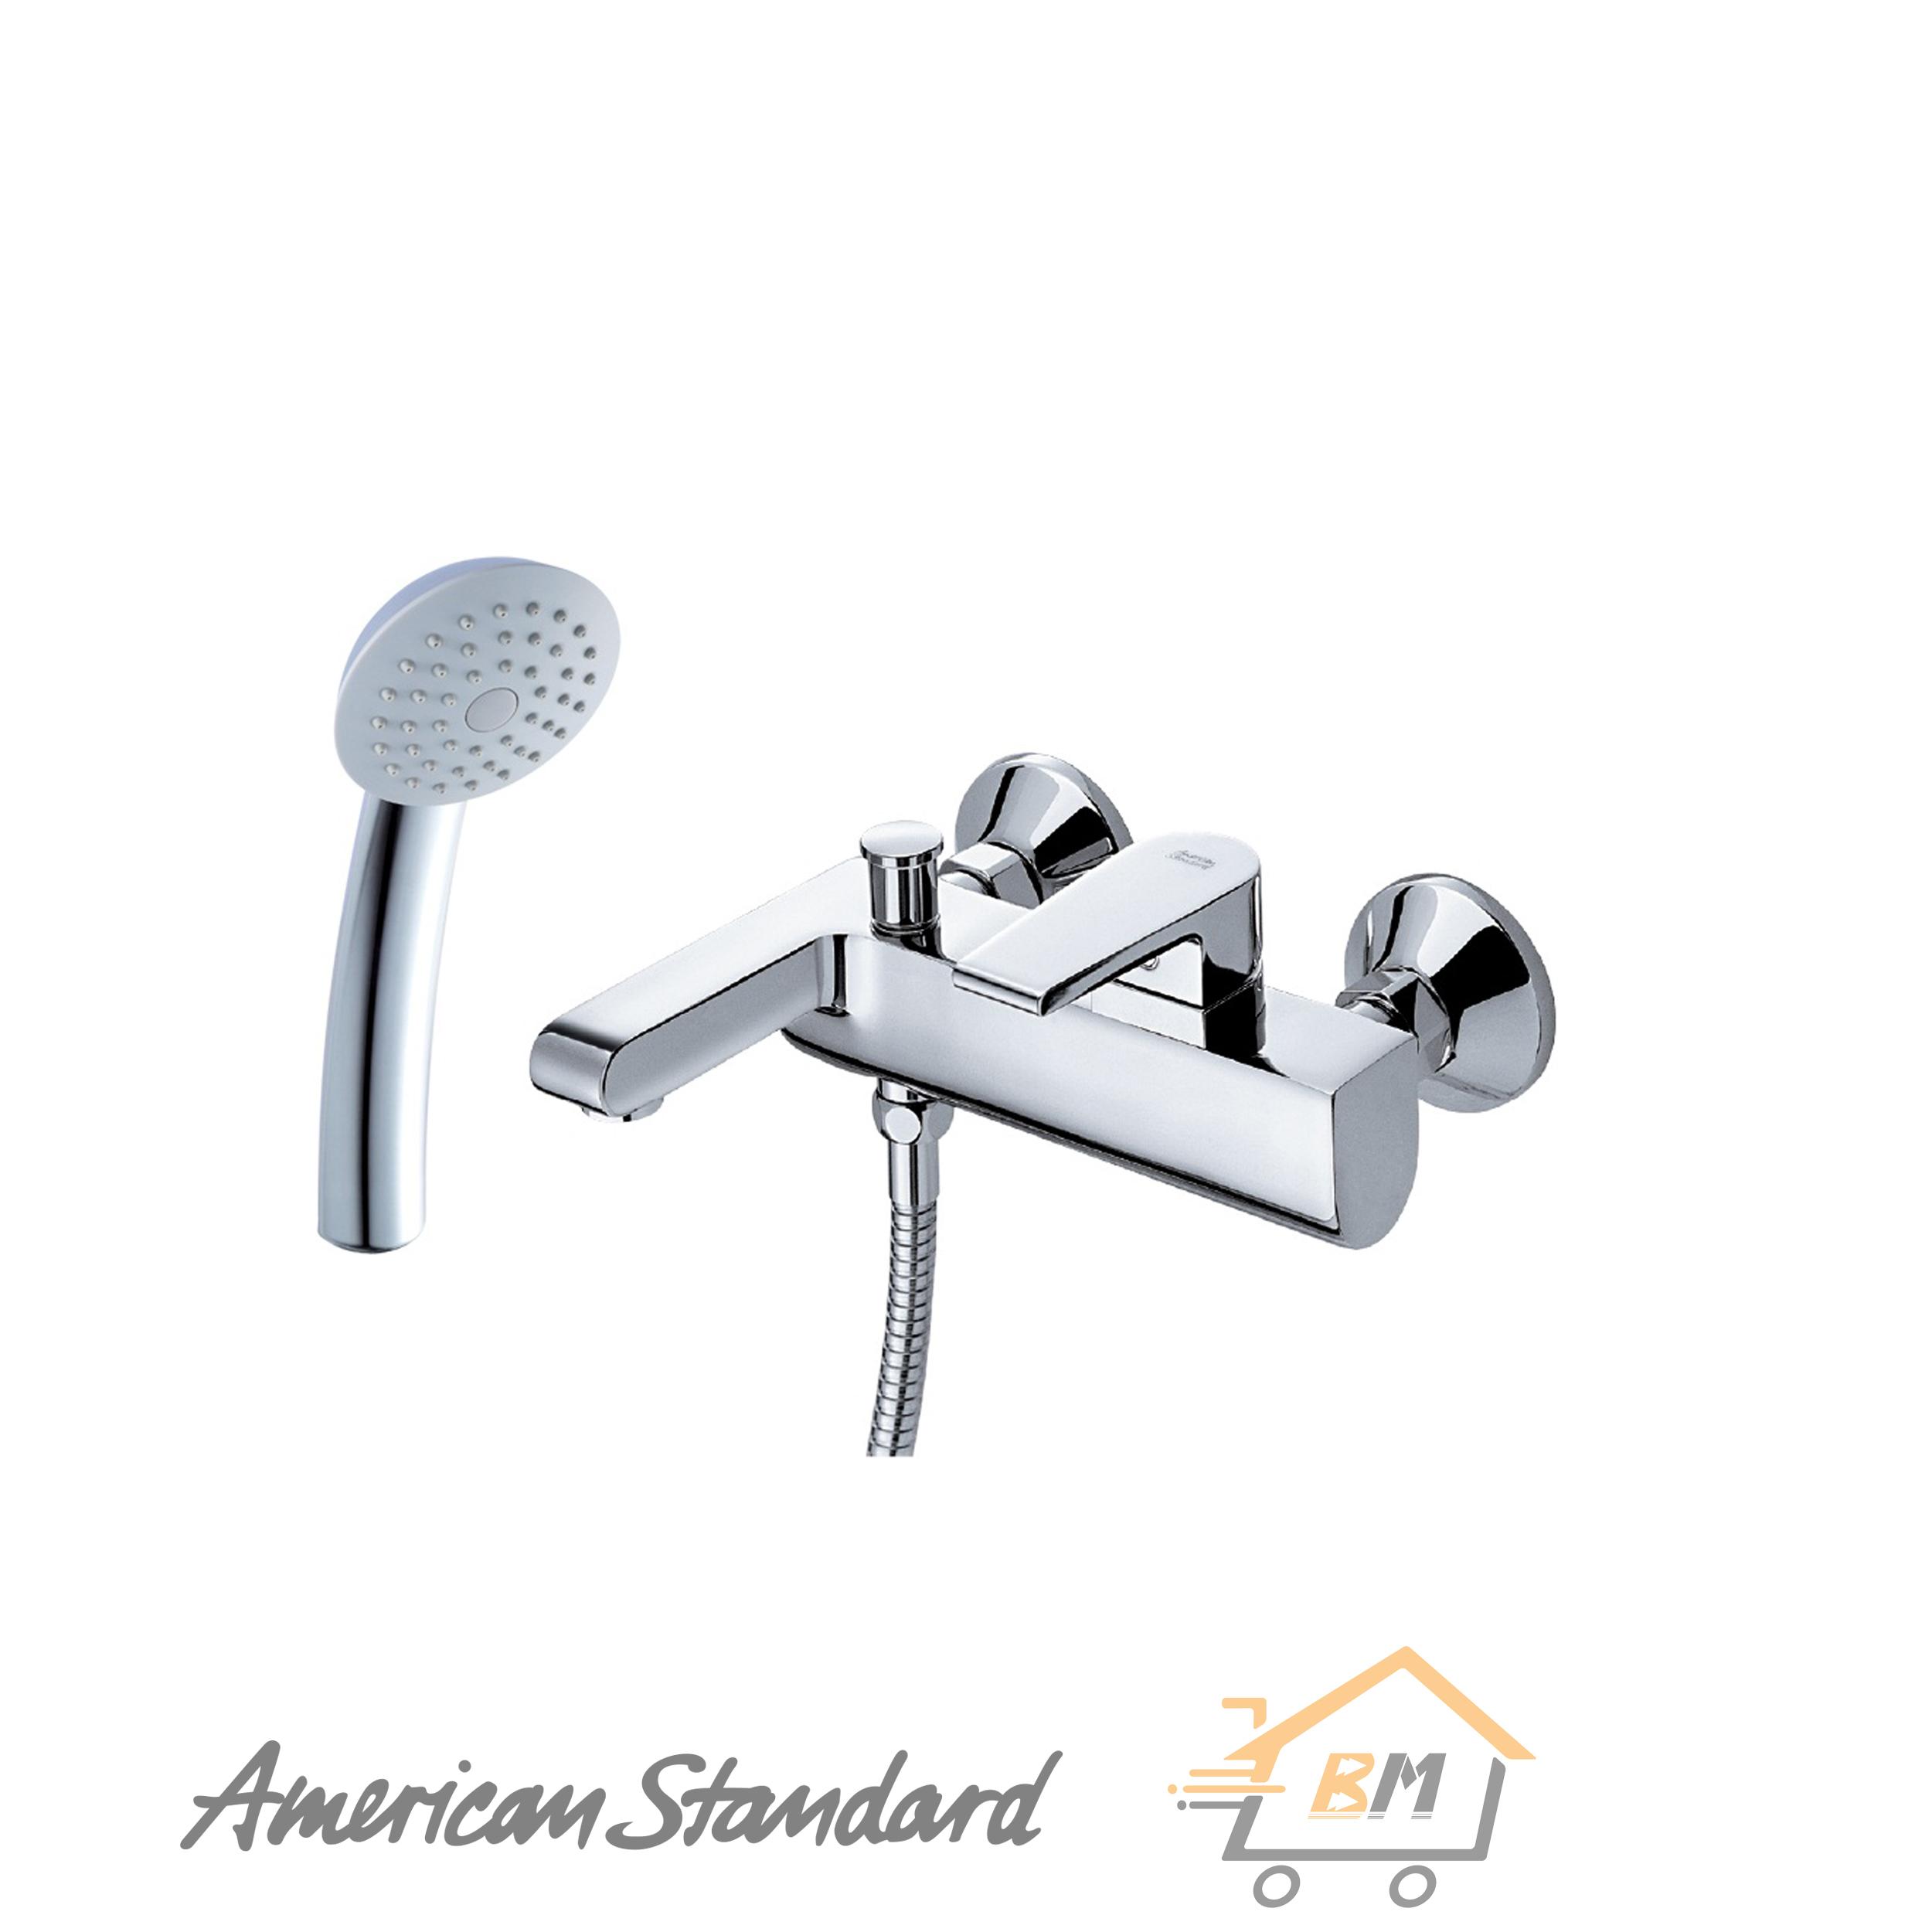 ก๊อกน้ำ American Standard (A-2863)